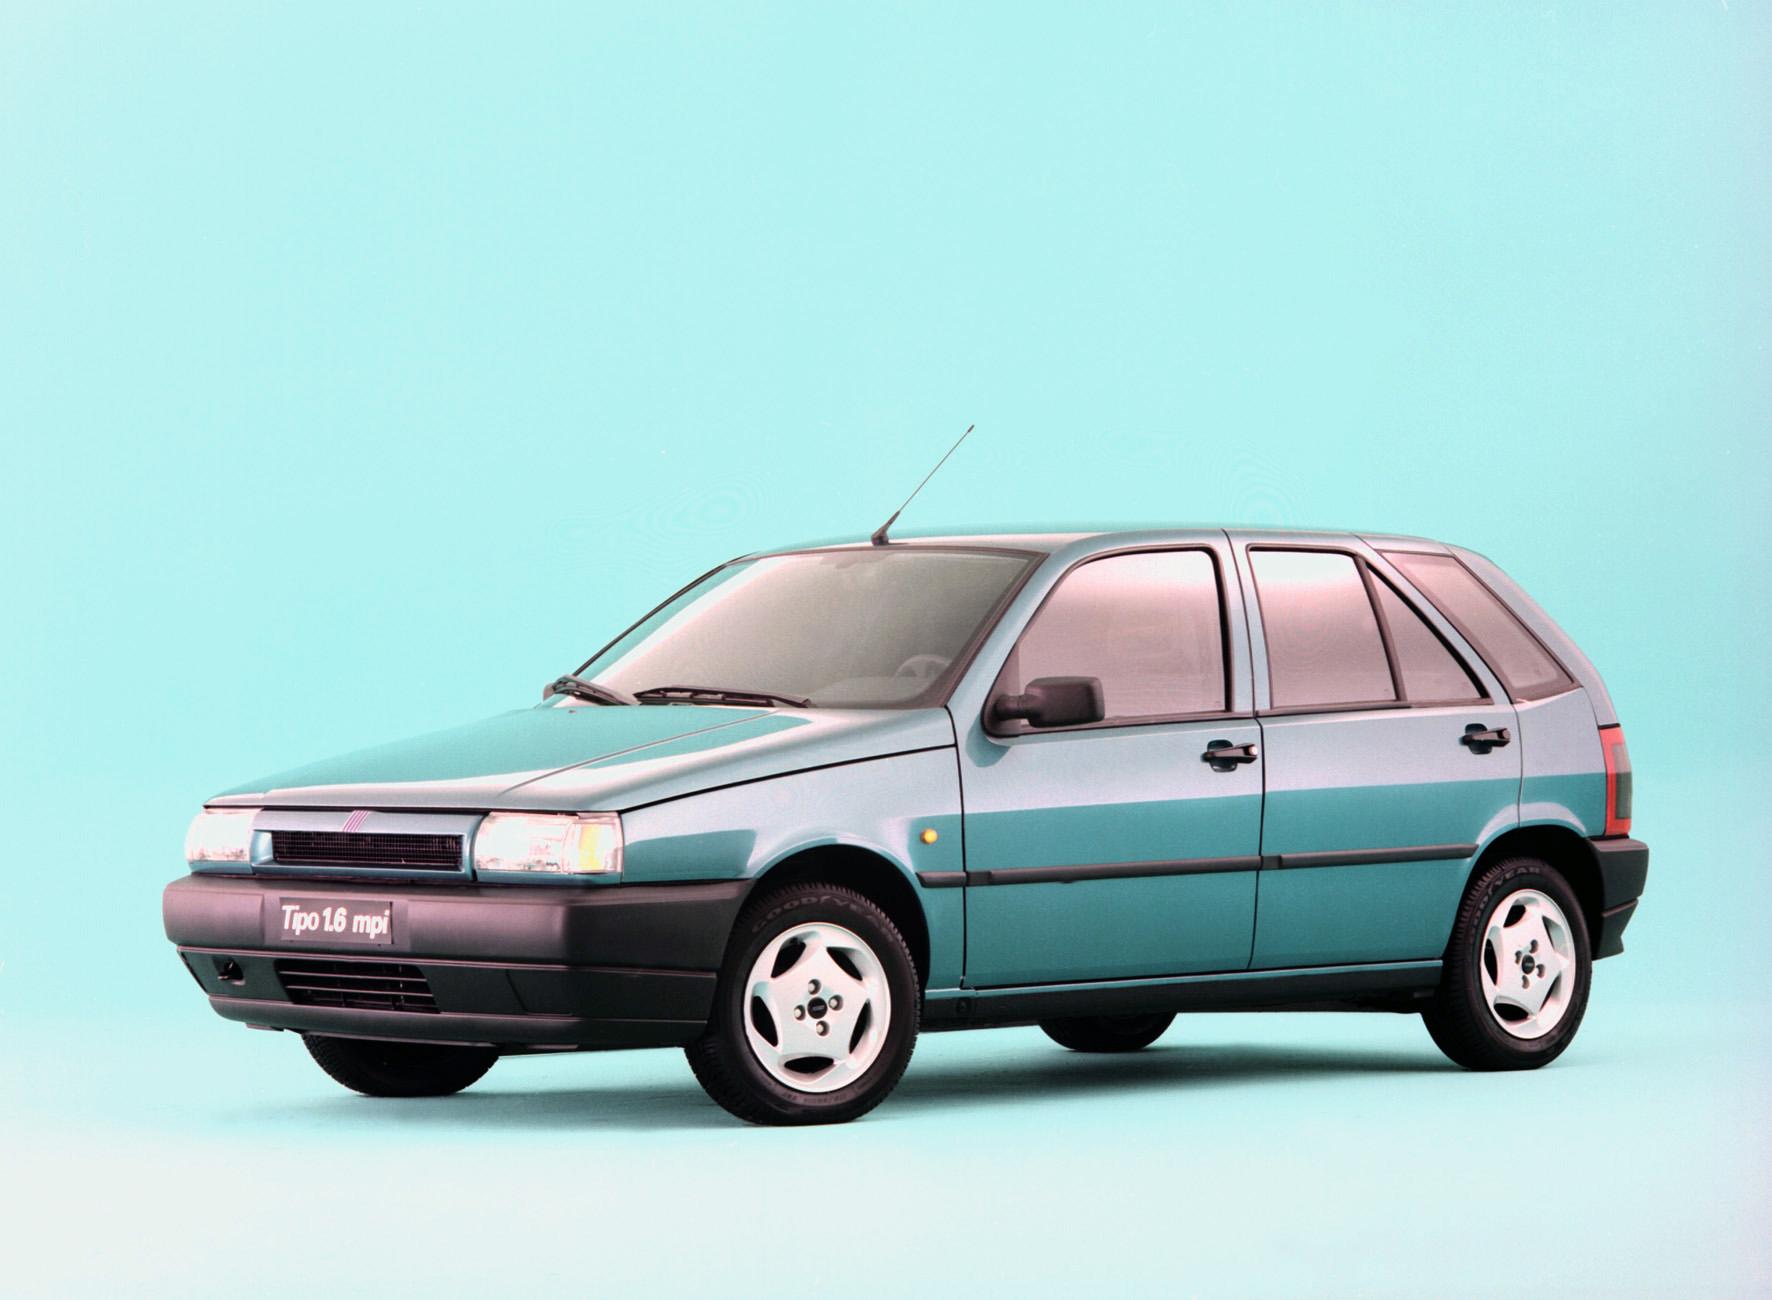 Designers de carros: Fiat Tipo foi projetado por Giorgetto Giugiaro